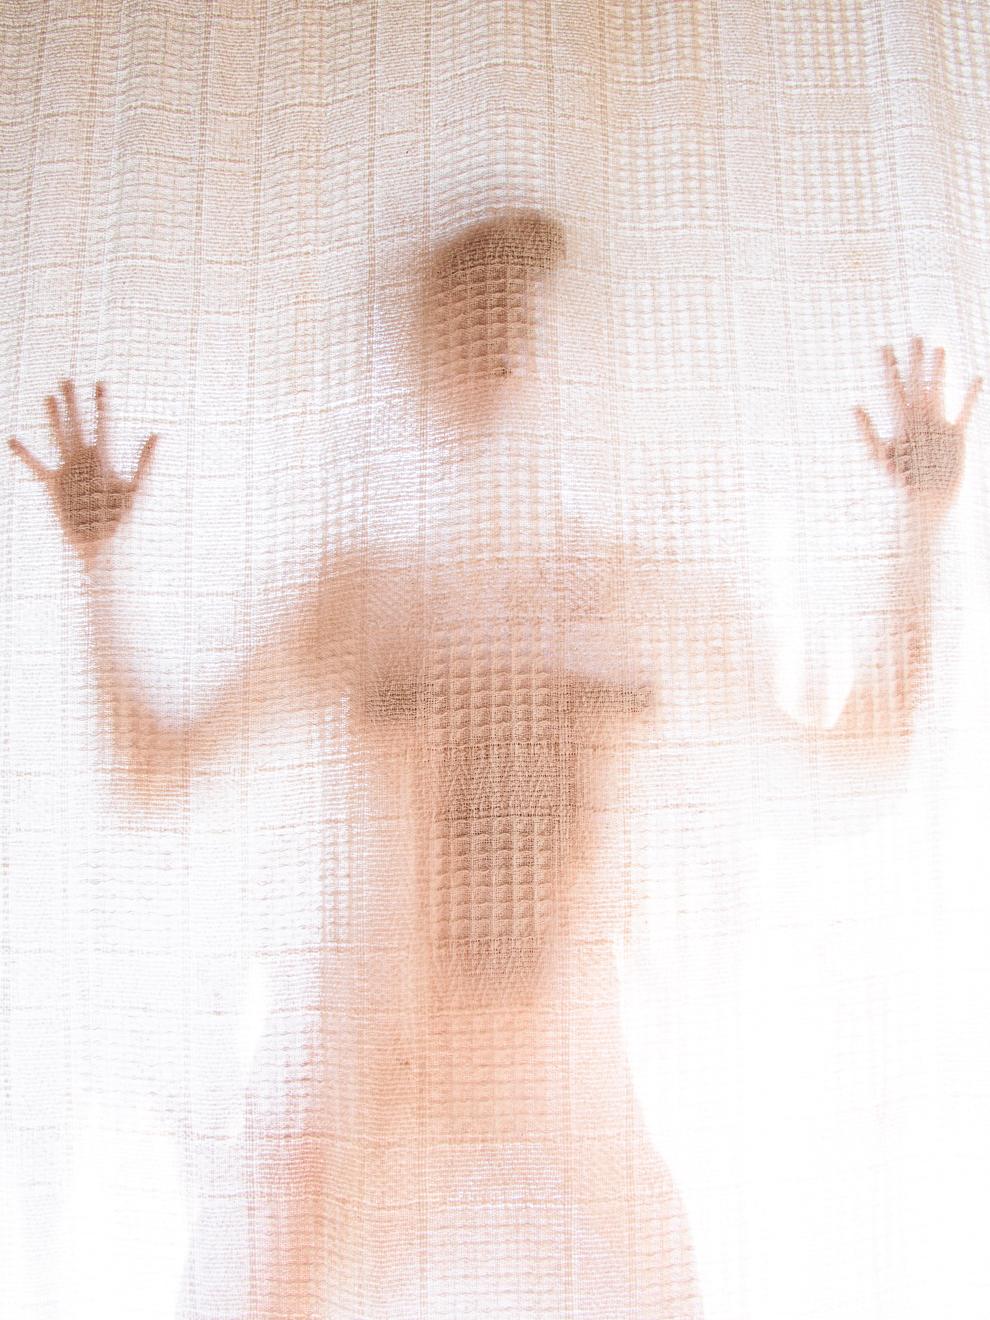 Audrey_Curtain-4.jpg